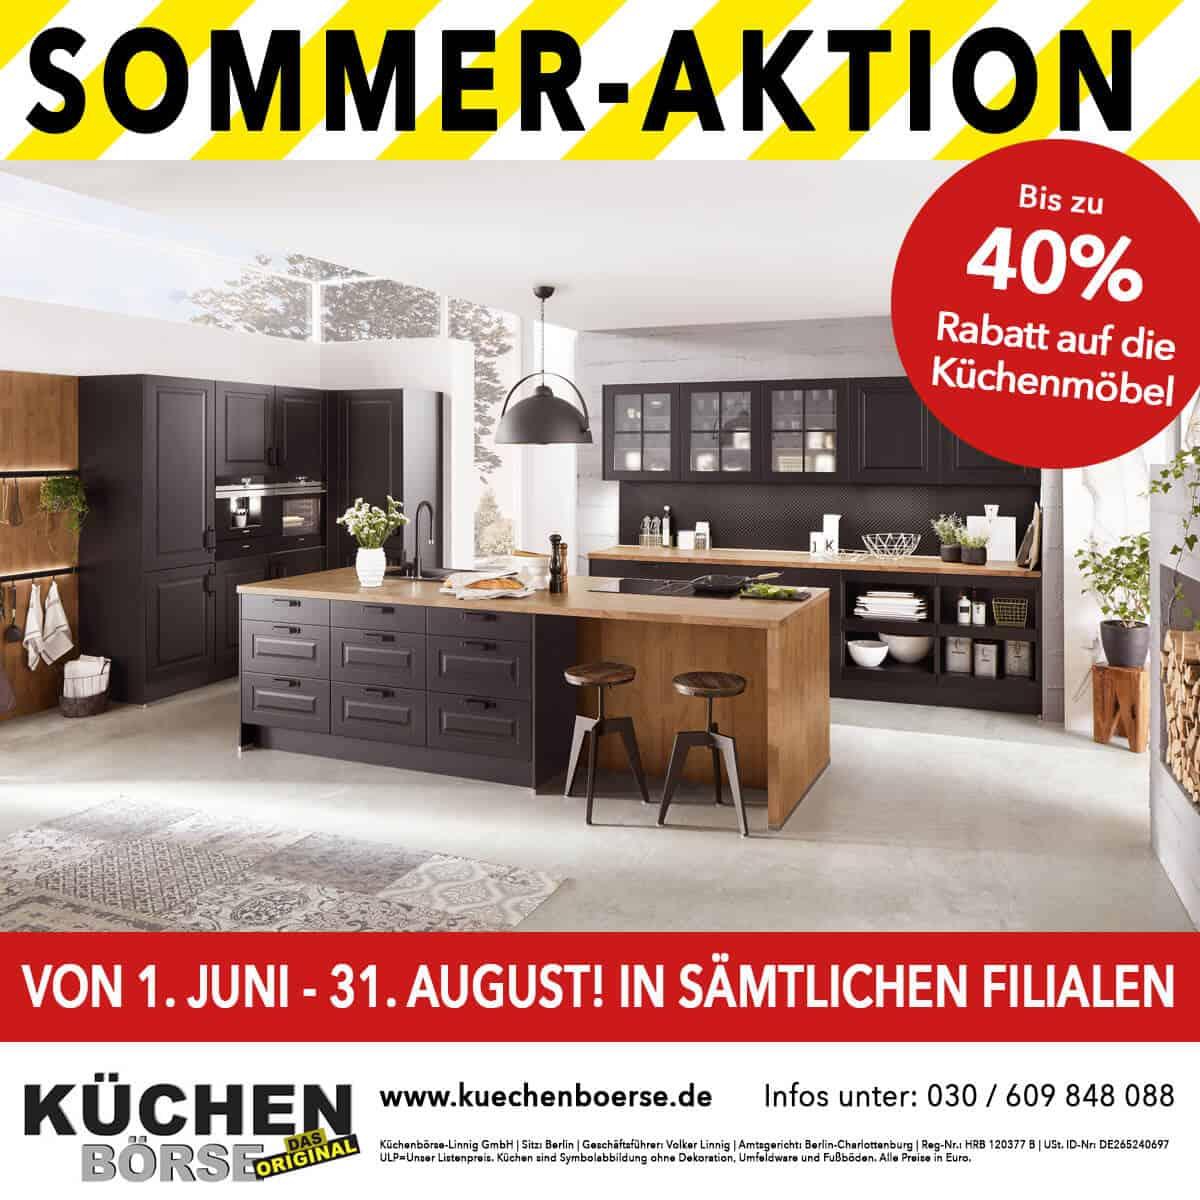 Sommer-Aktion bis zu 40% auf Küchenmöbel